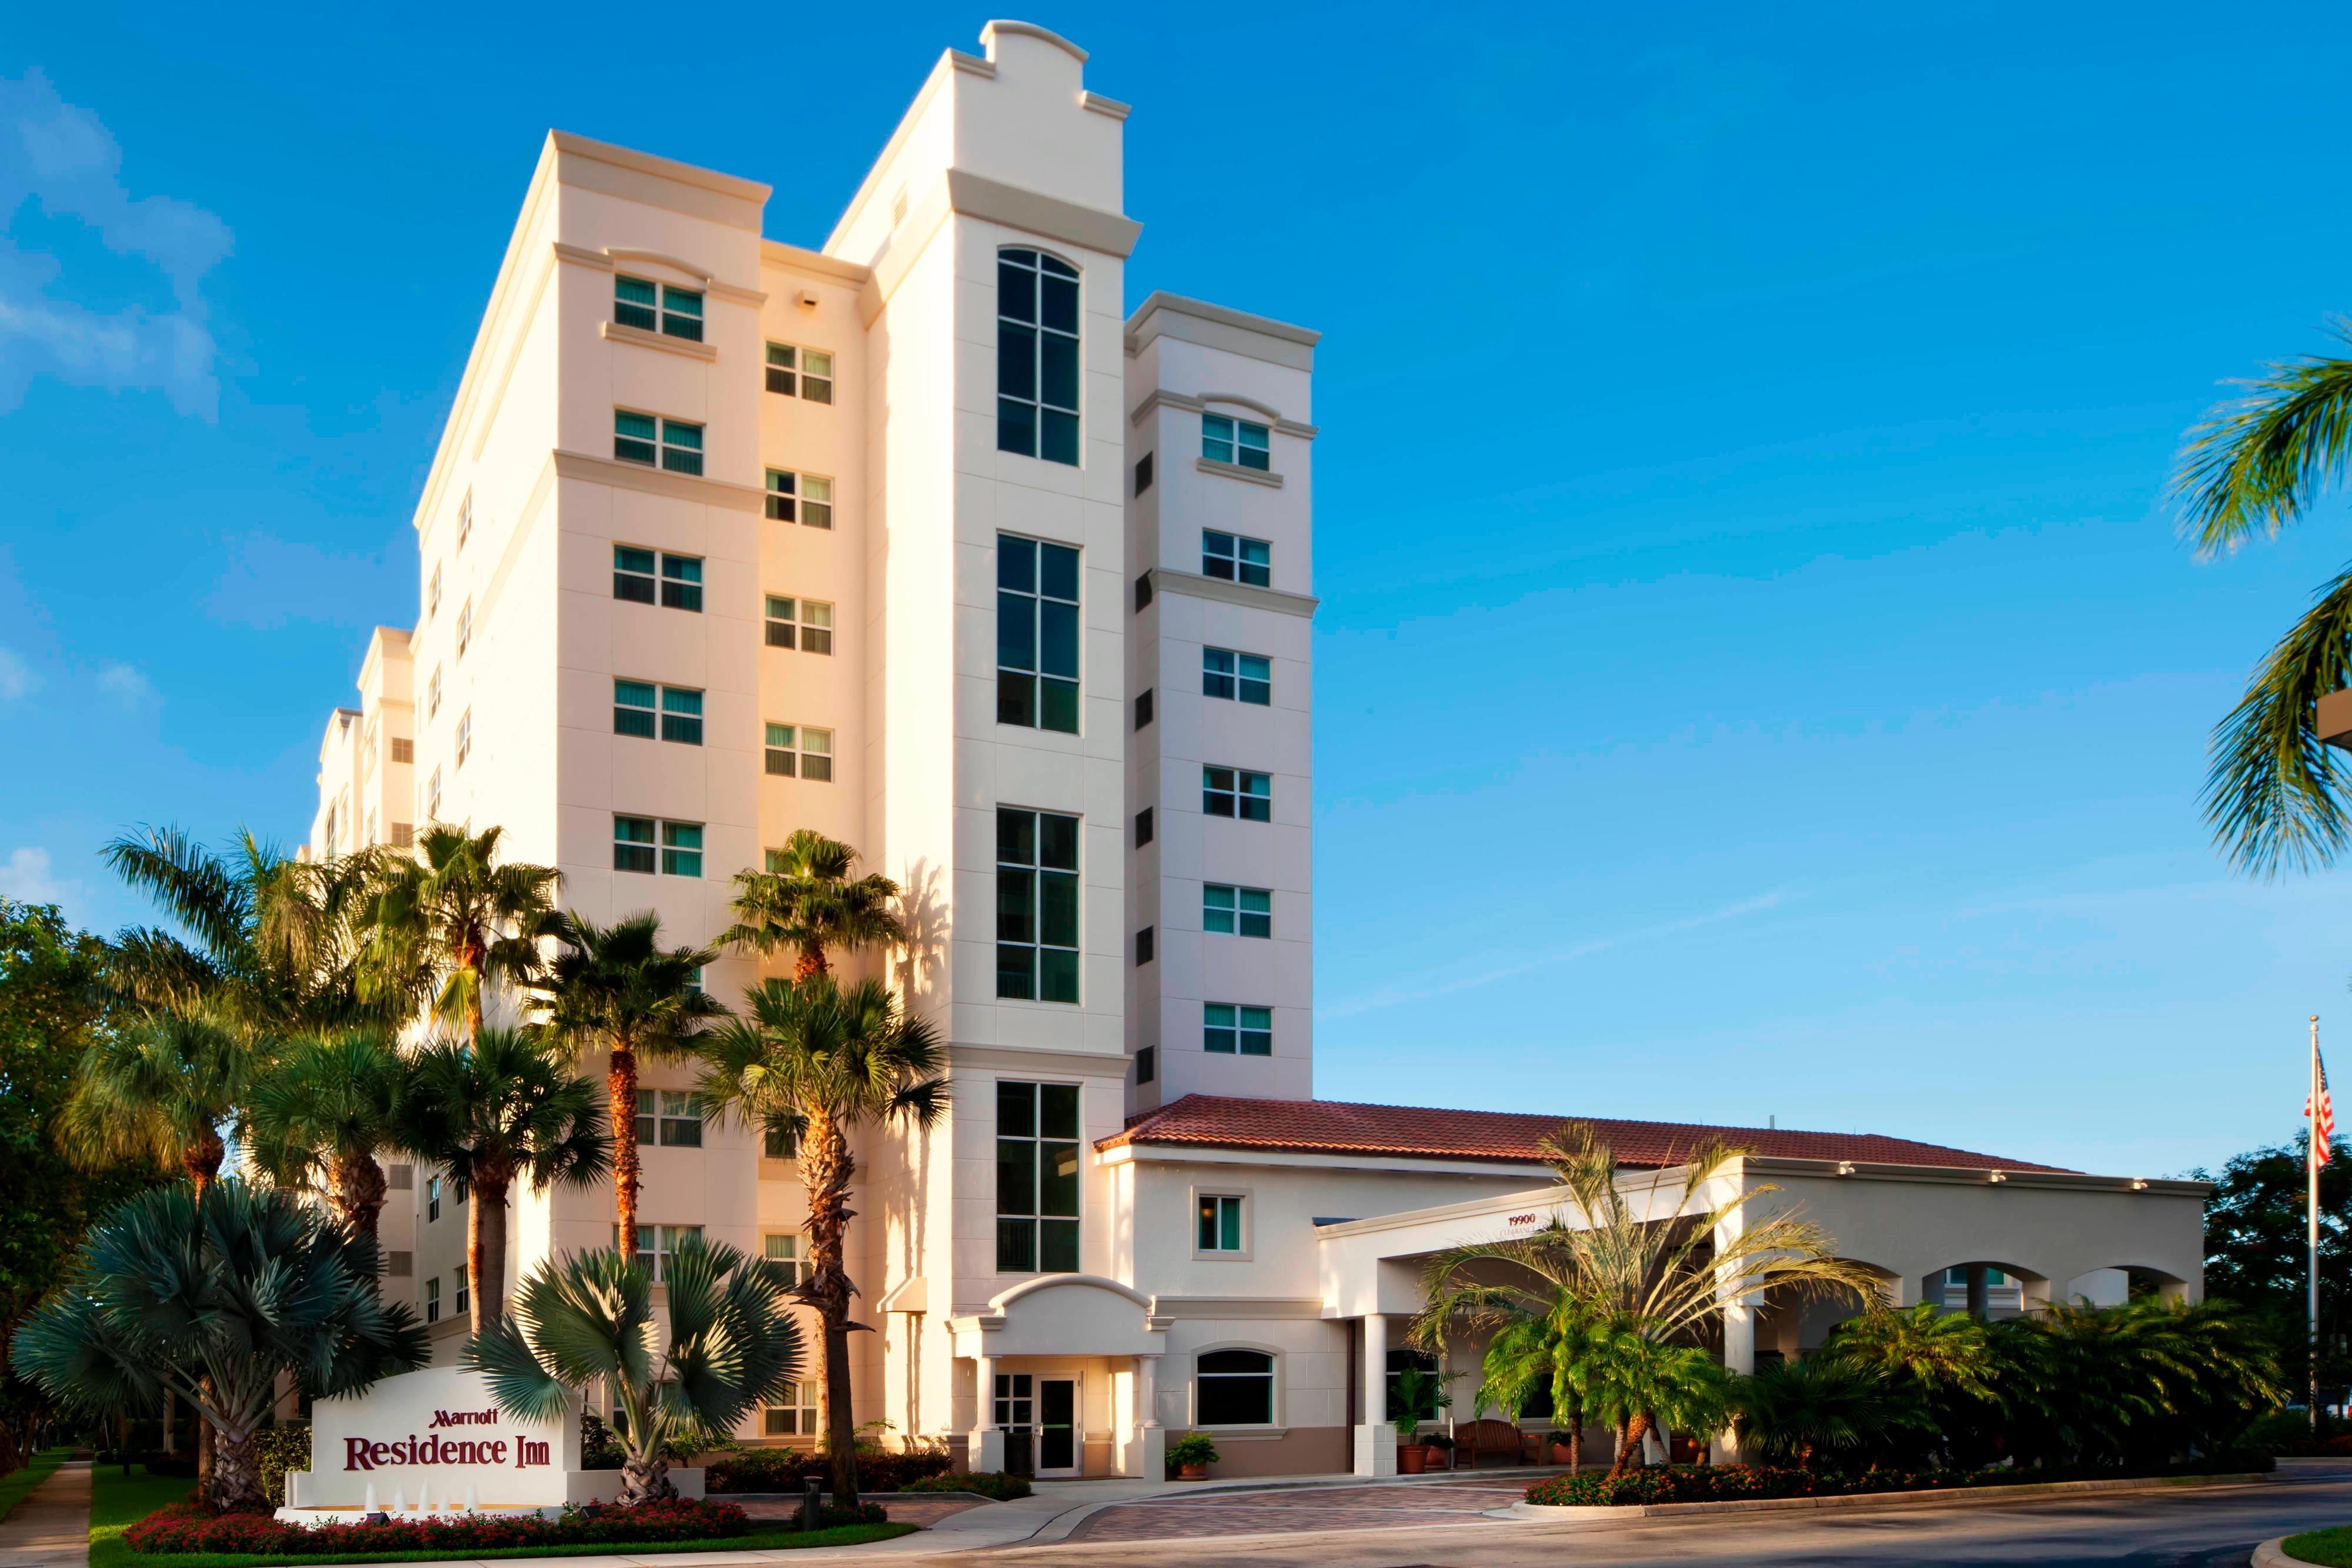 Hoteles en Aventura, Florida